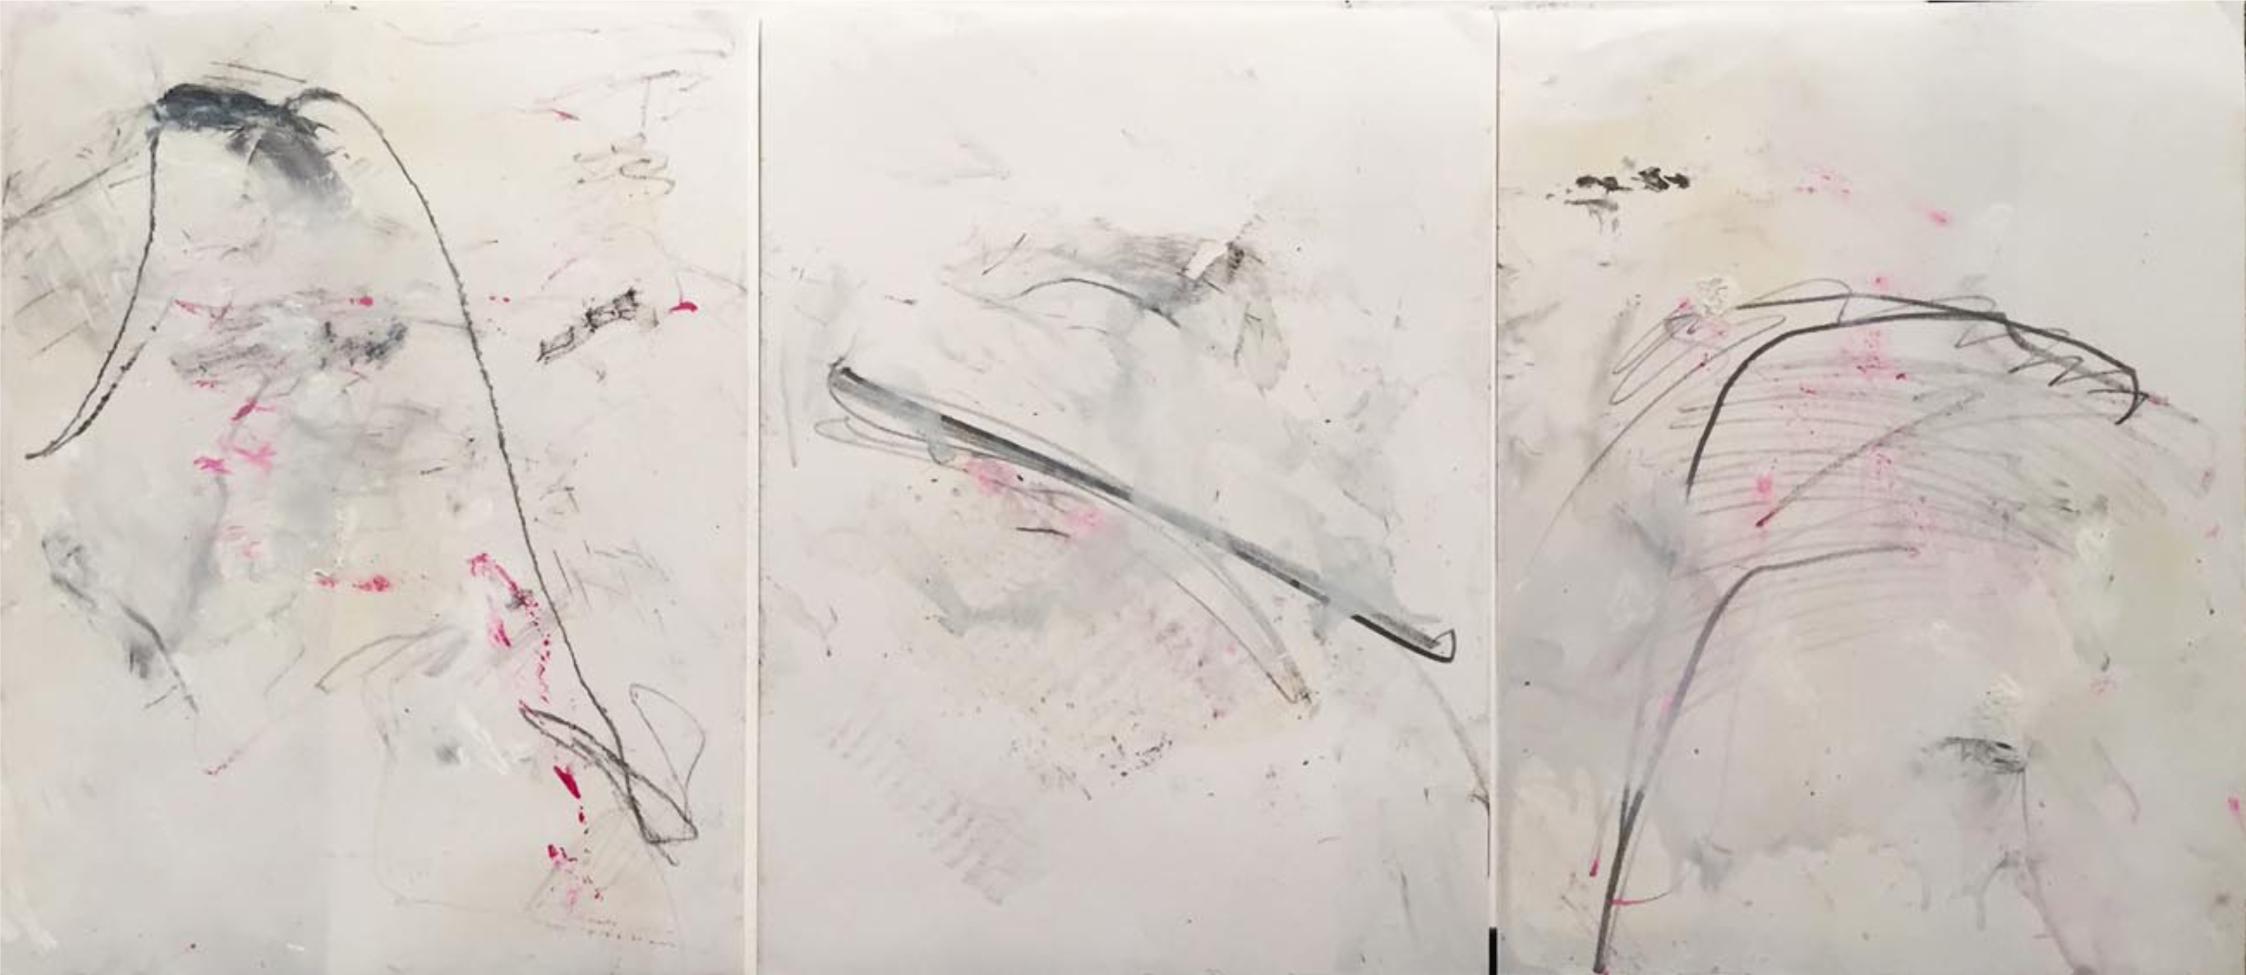 MARC FELD 2014 PROVERBES Mine de plomb et huile sur papier 72 x 42 cm